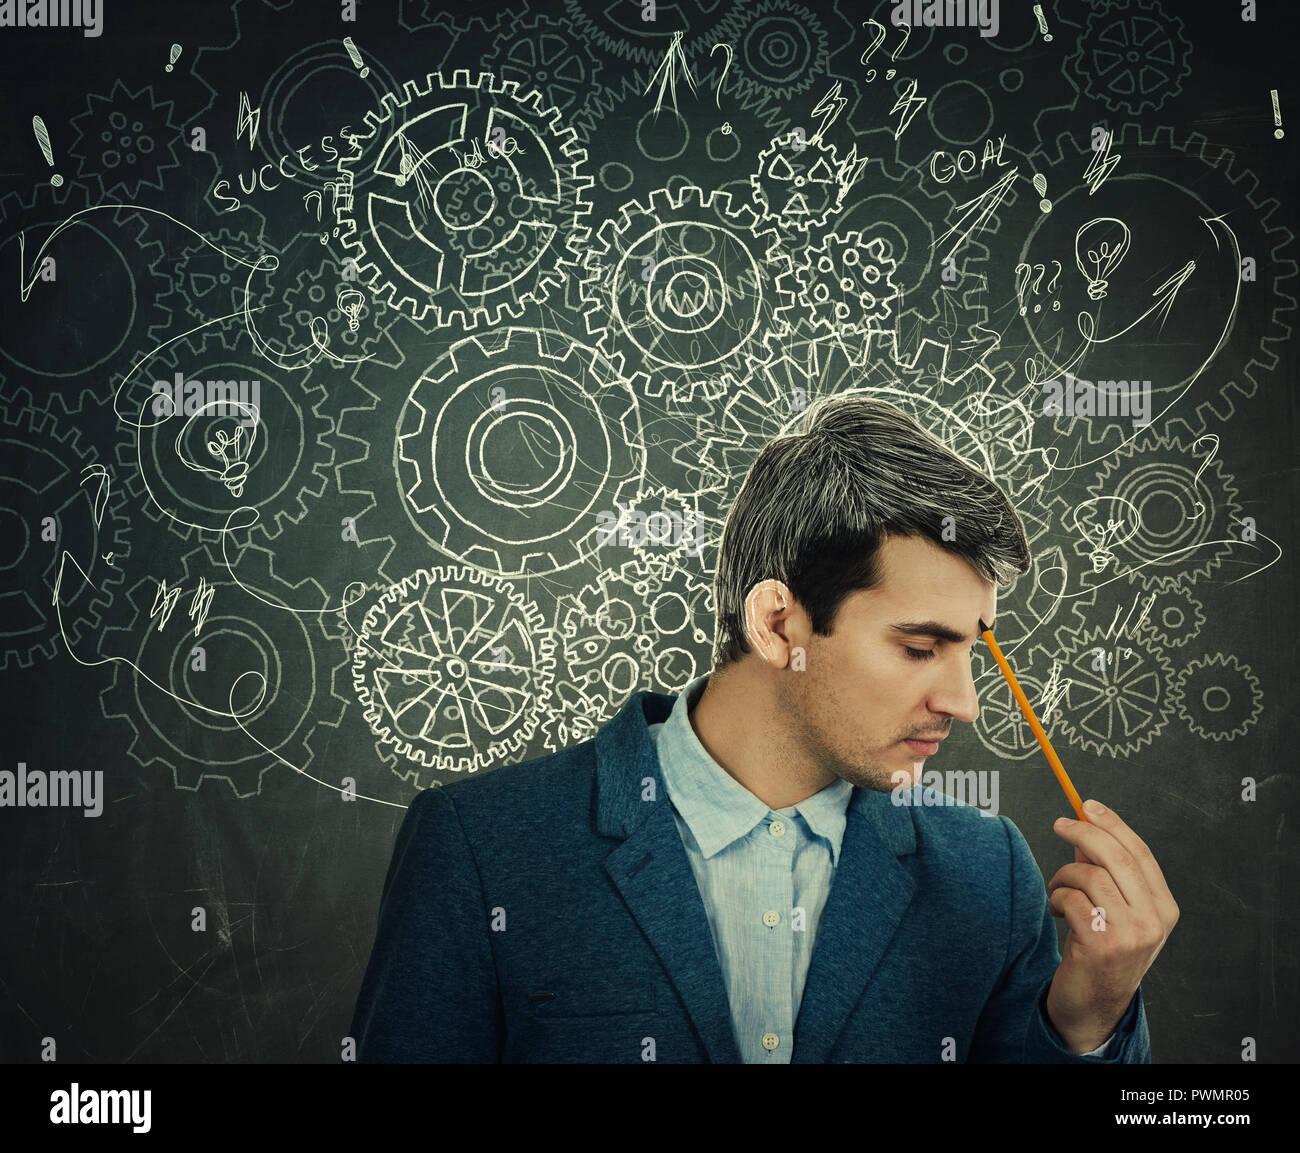 Difficile pensare grave uomo sulla lavagna sfondo cervello ingranaggio di frecce e pasticcio come pensieri. Concetto per mentale, lo sviluppo psicologico. Immagini Stock